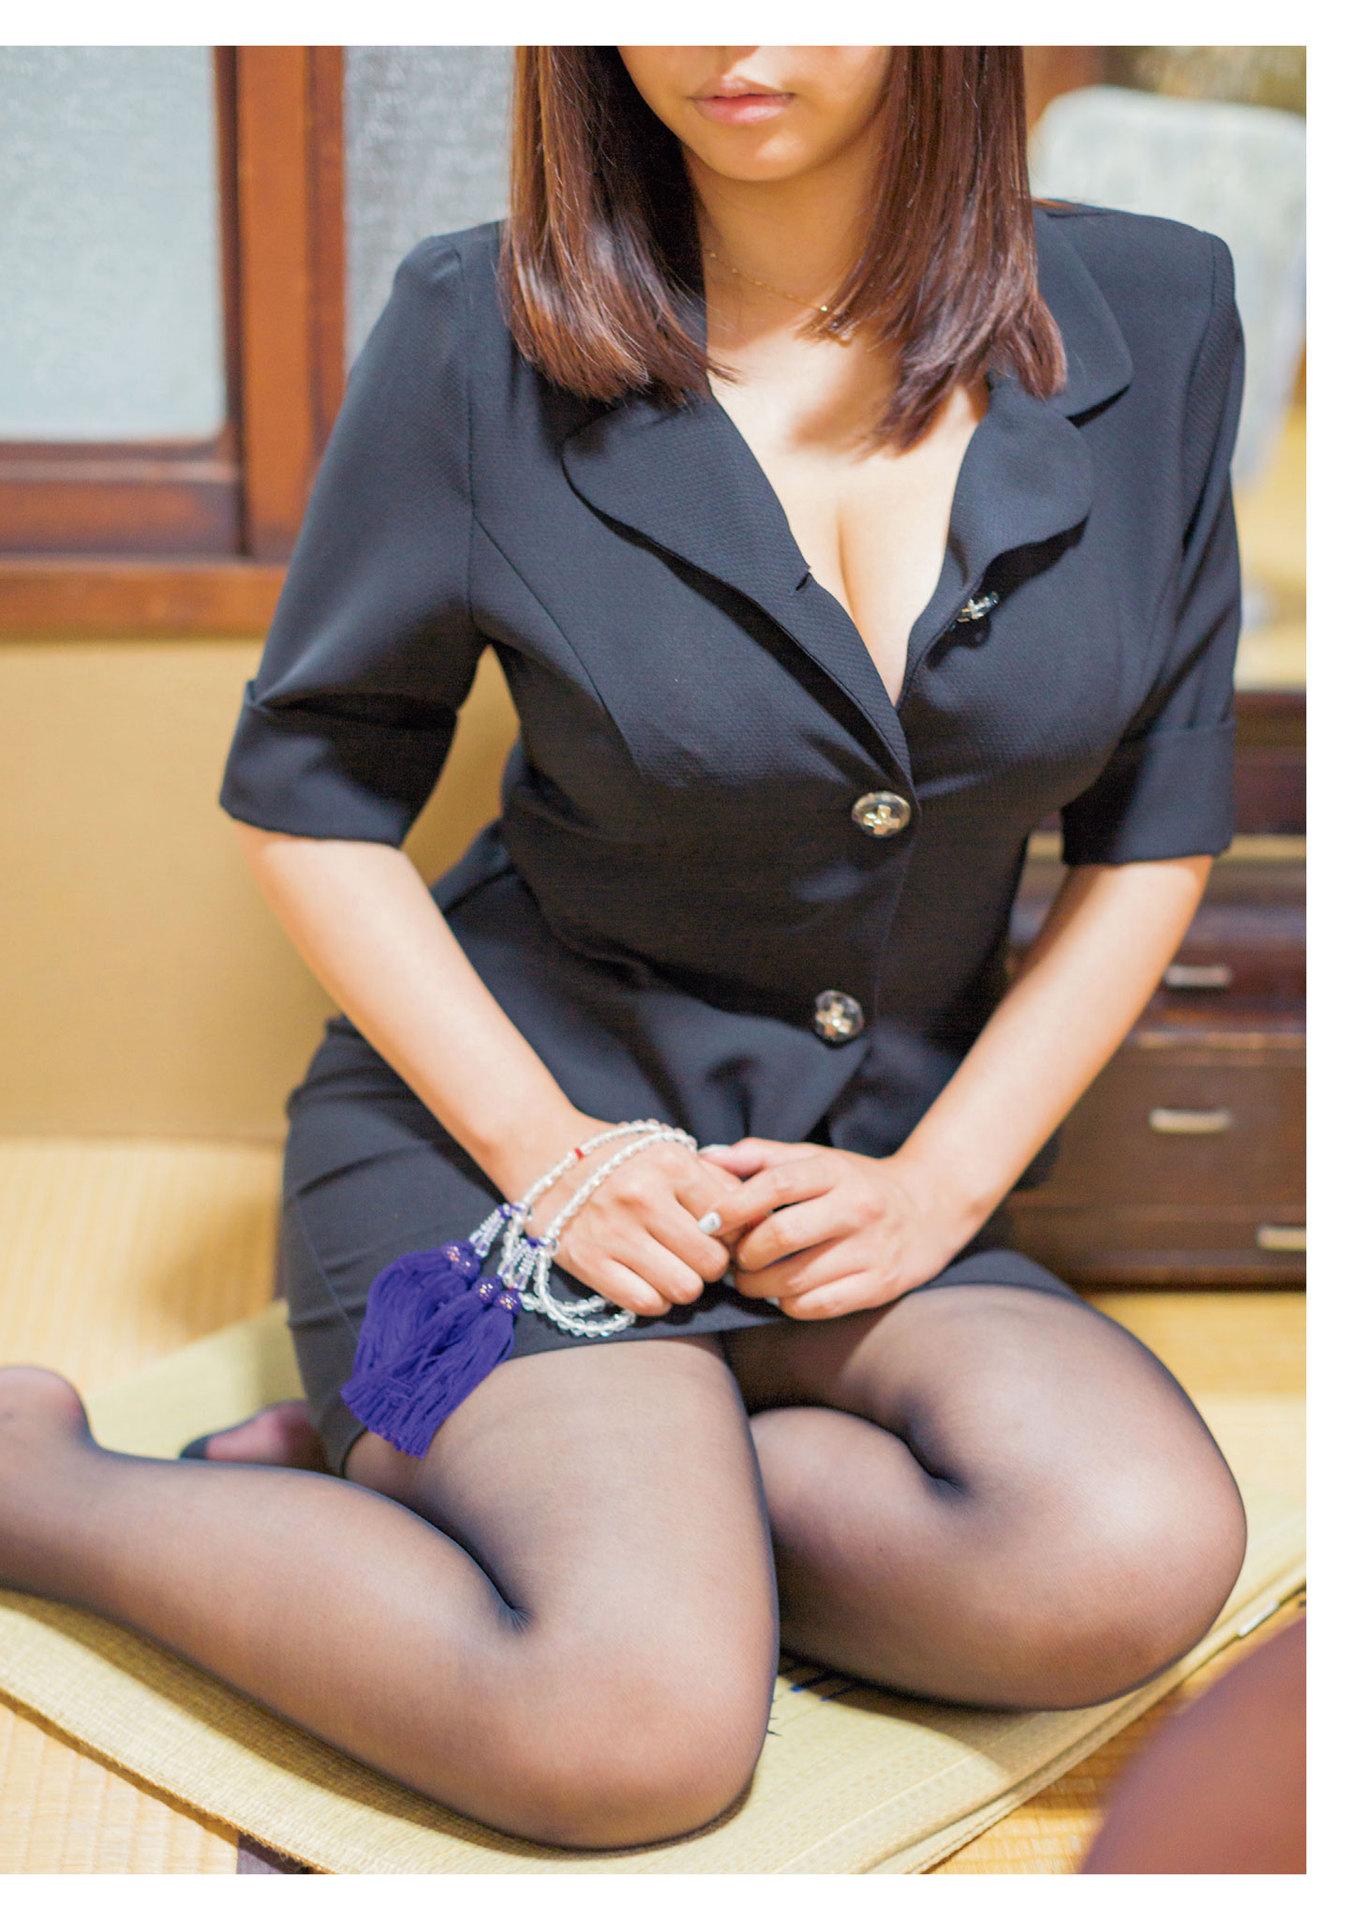 Uniform, swimsuit, underwear yukata148